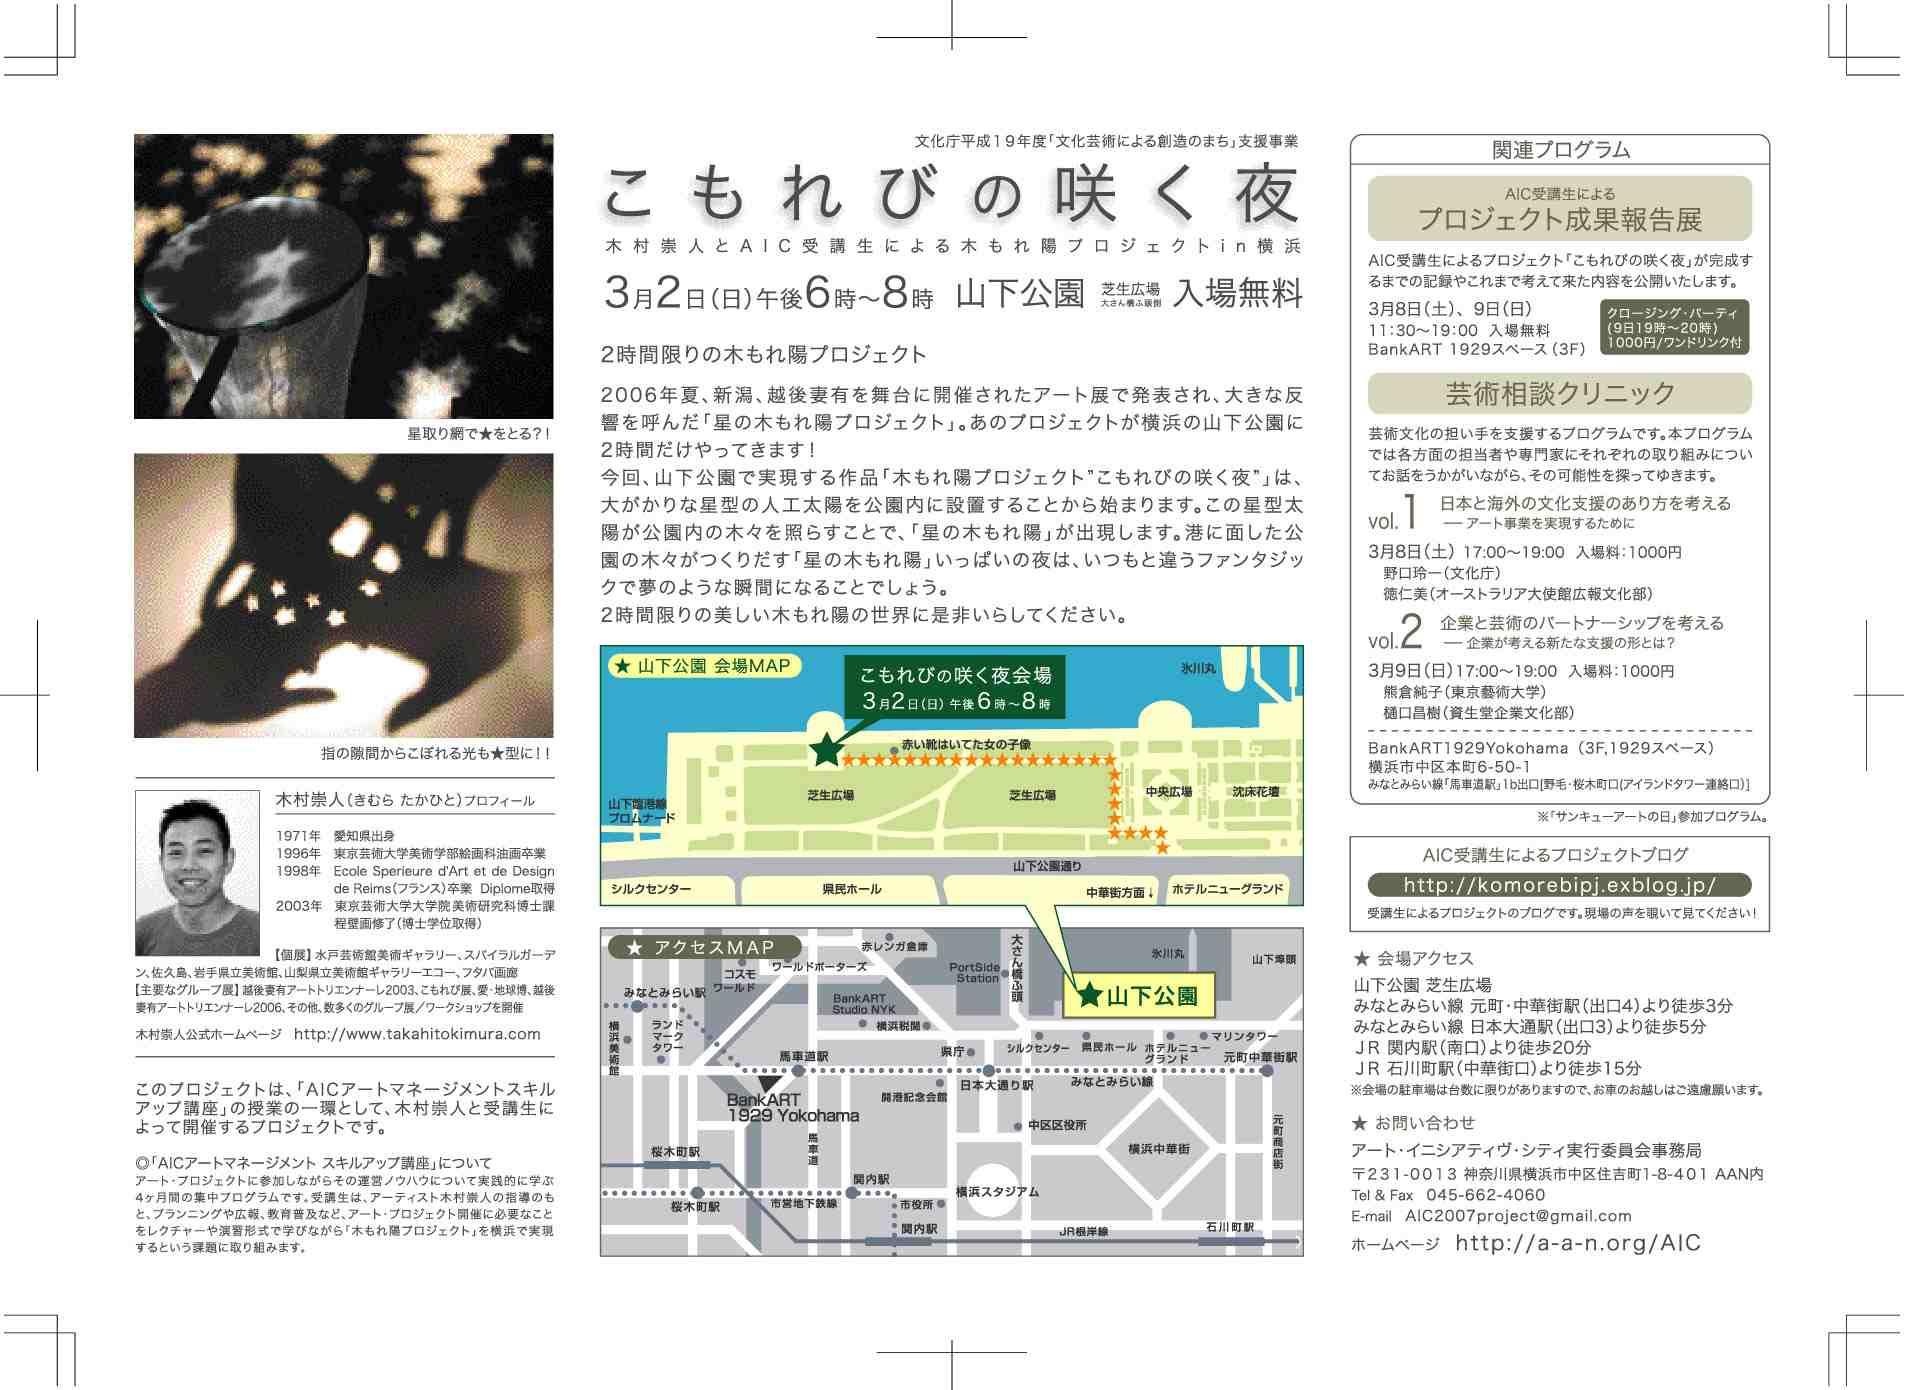 3月2日(日)こもれびの咲く夜@山下公園_d0058440_21364775.jpg